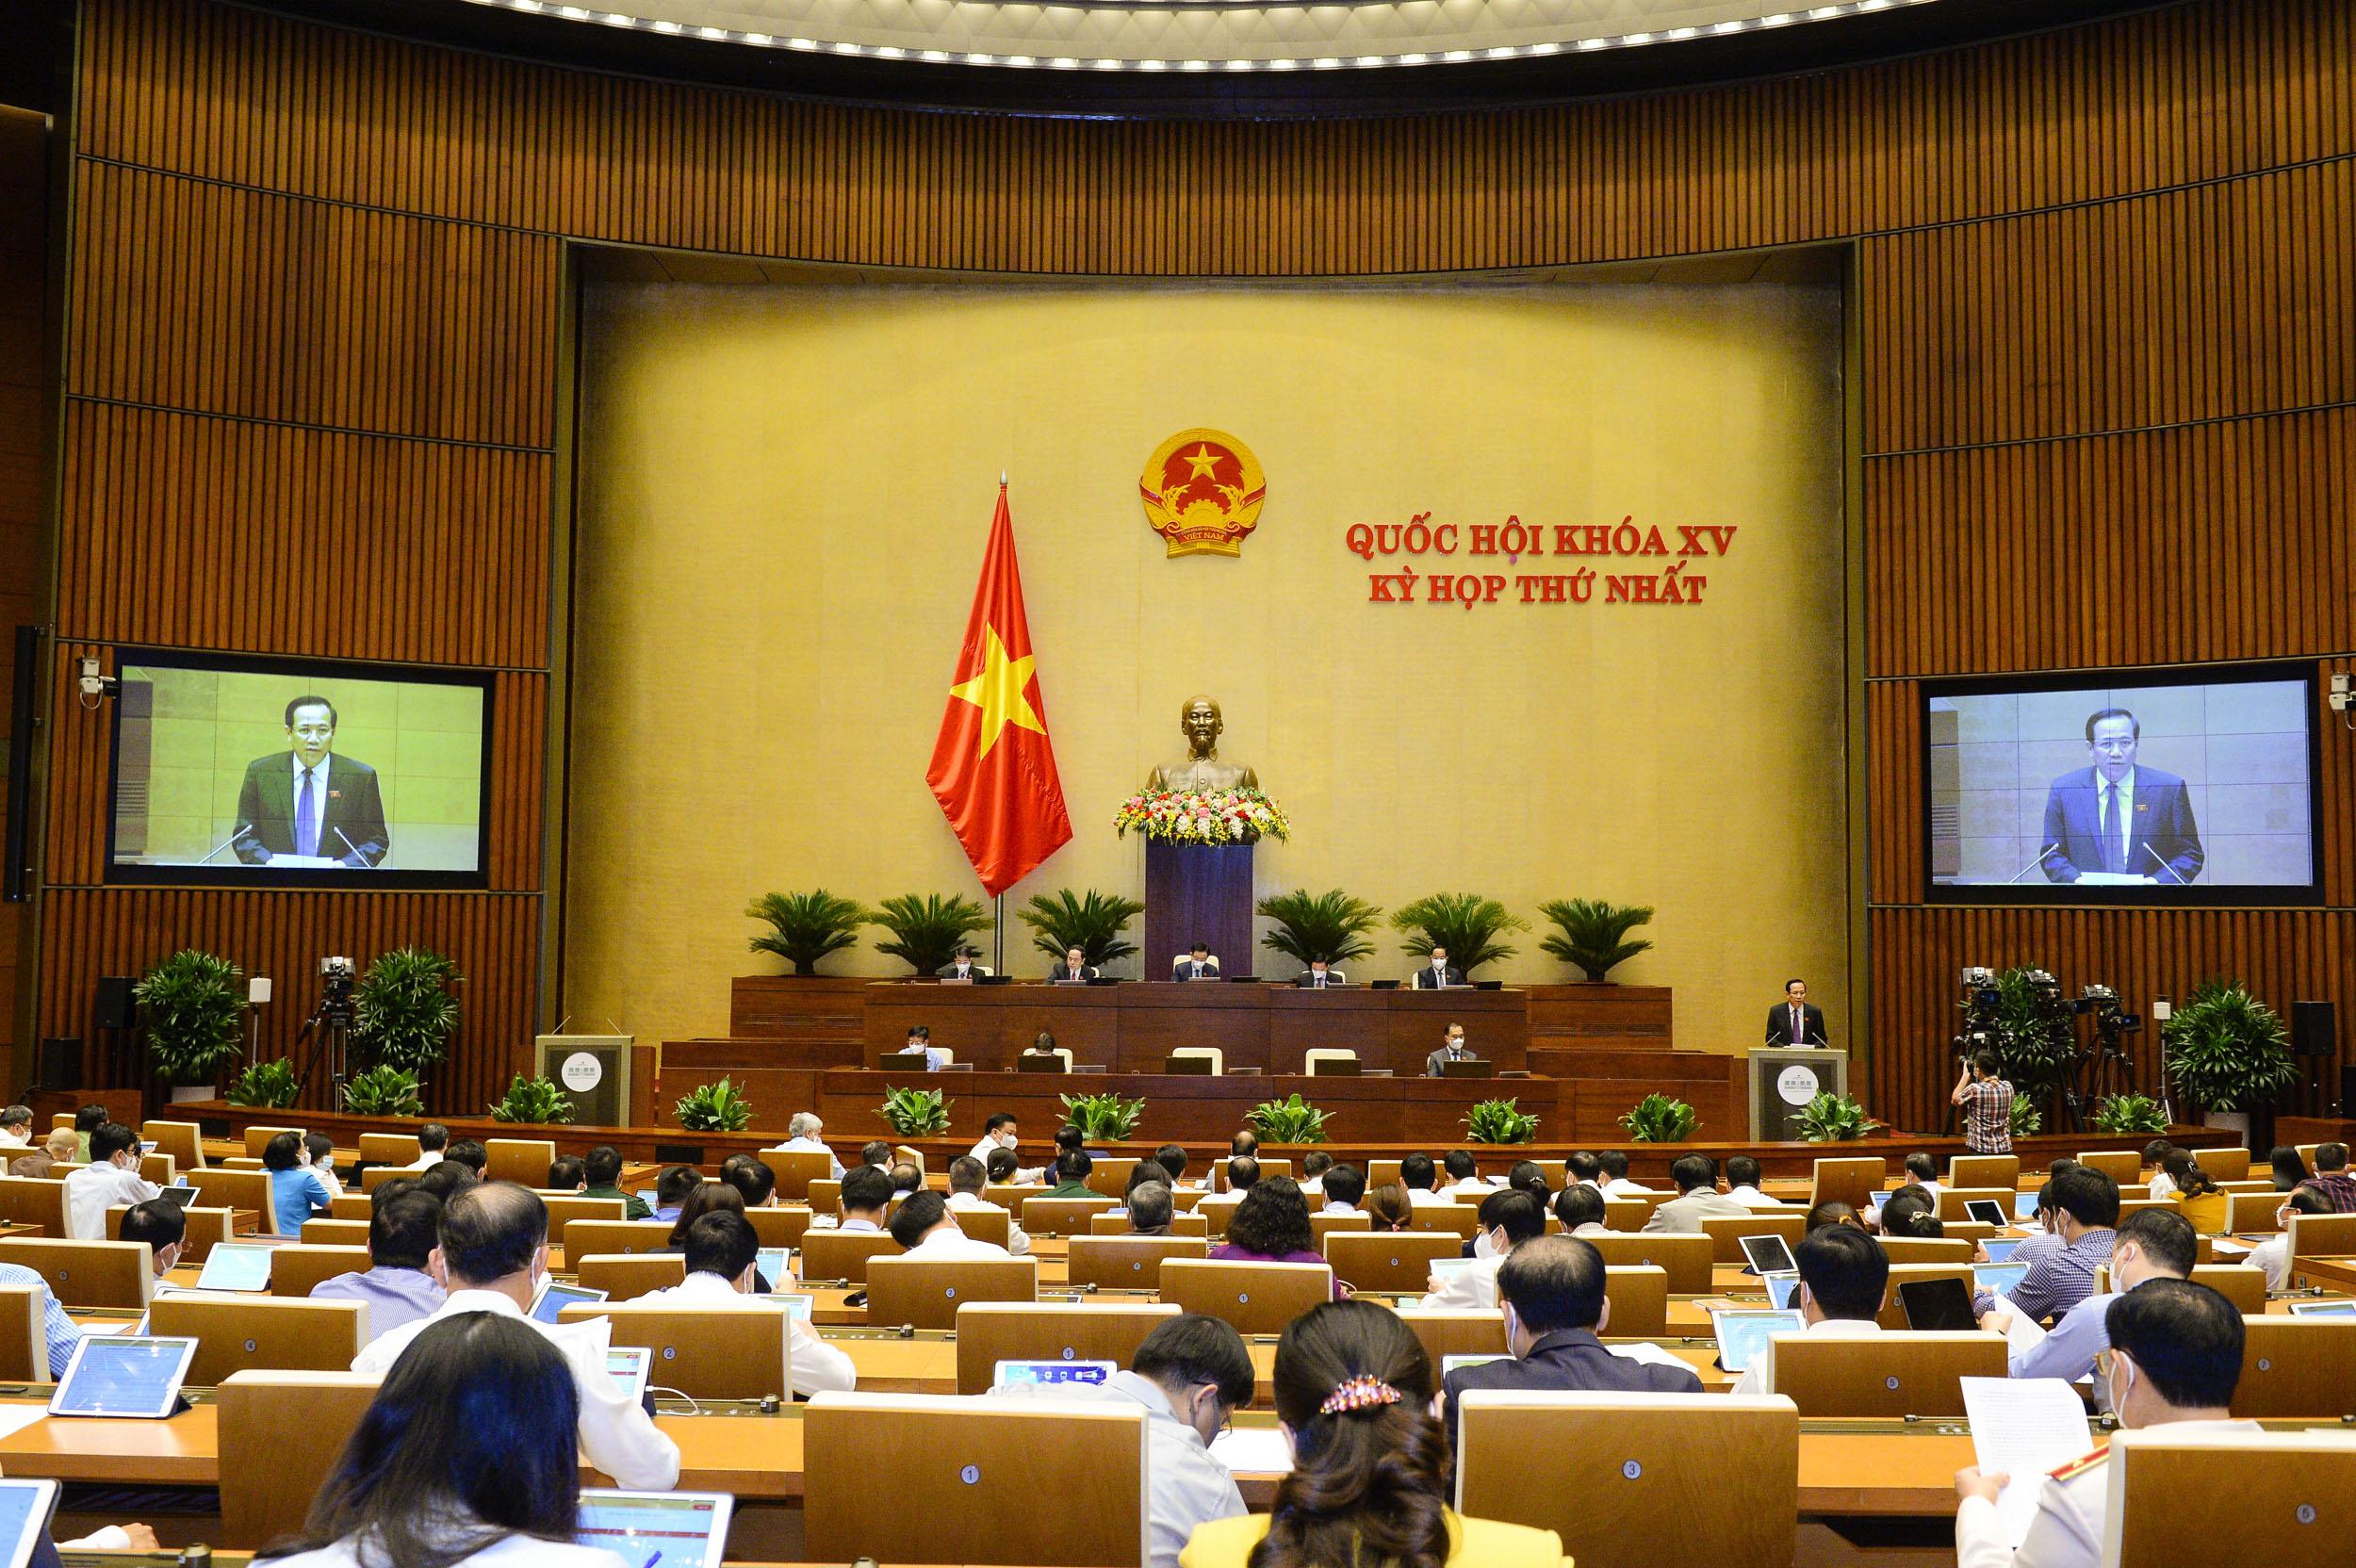 Kỳ họp thứ Nhất, Quốc hội khoá XV, ngày 24-7-2021.